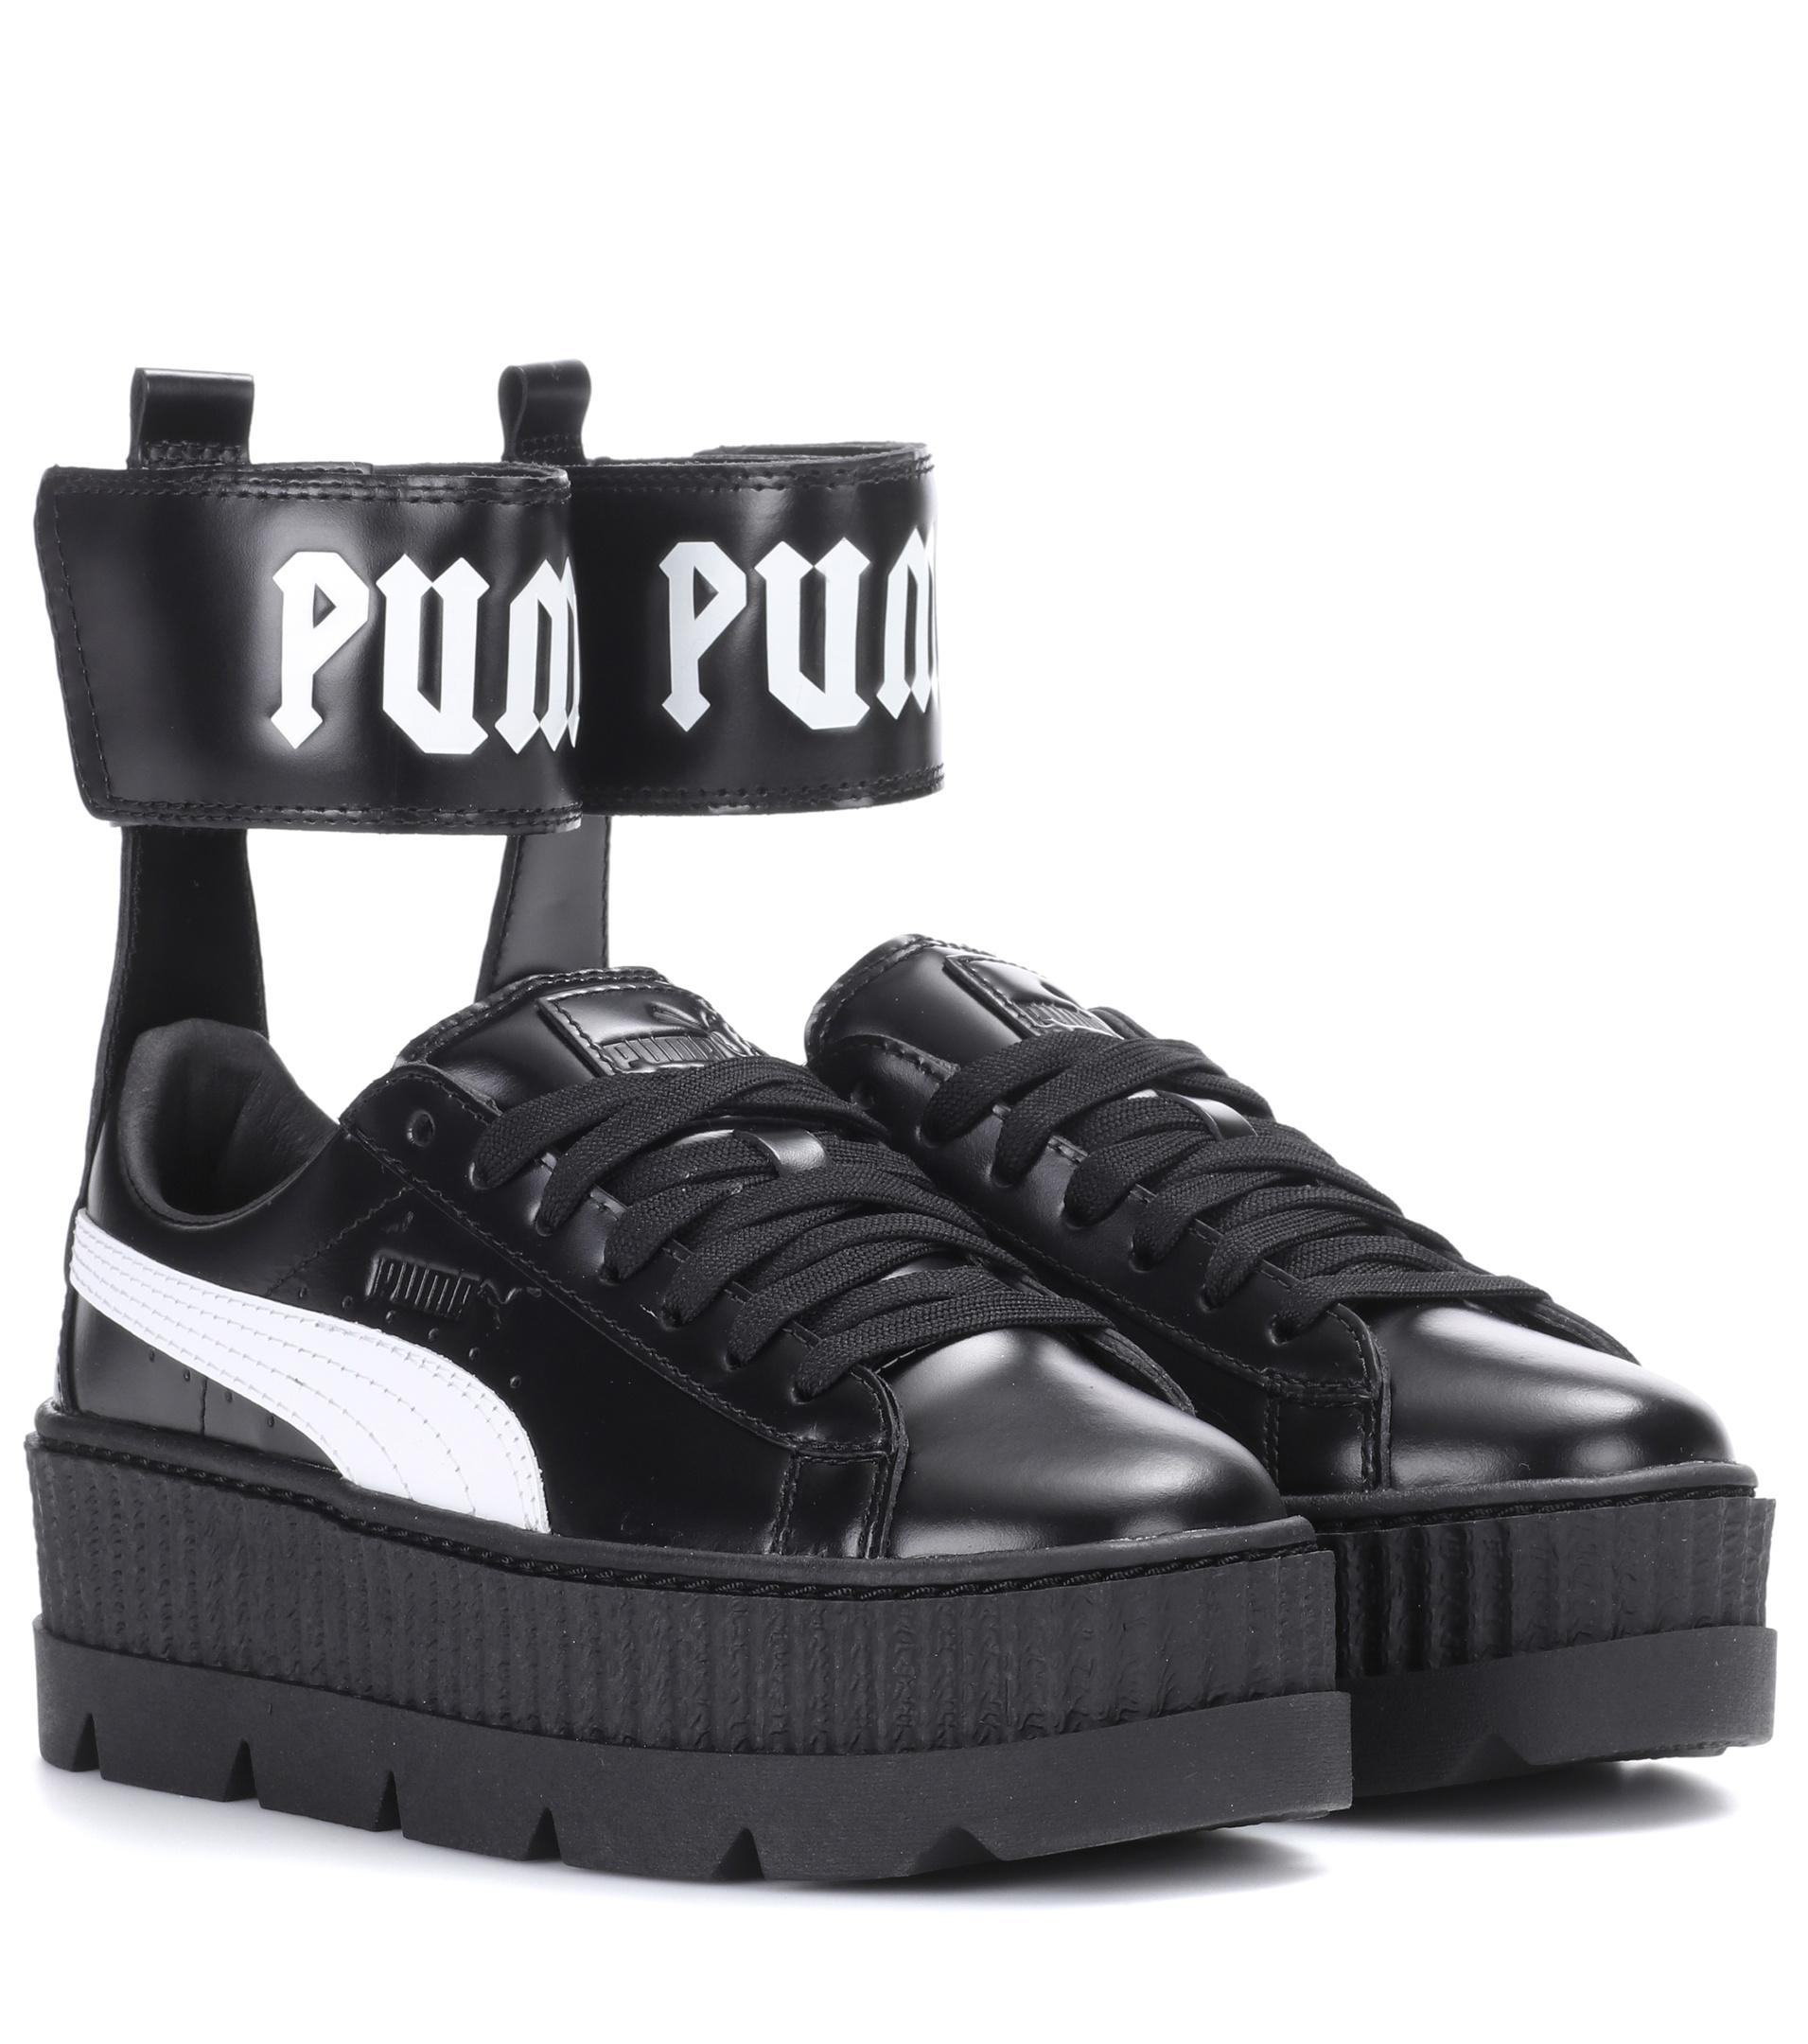 ANKLE STRAP SNEAKER - FOOTWEAR - Low-tops & sneakers Fenty Puma by Rihanna 7vGiU